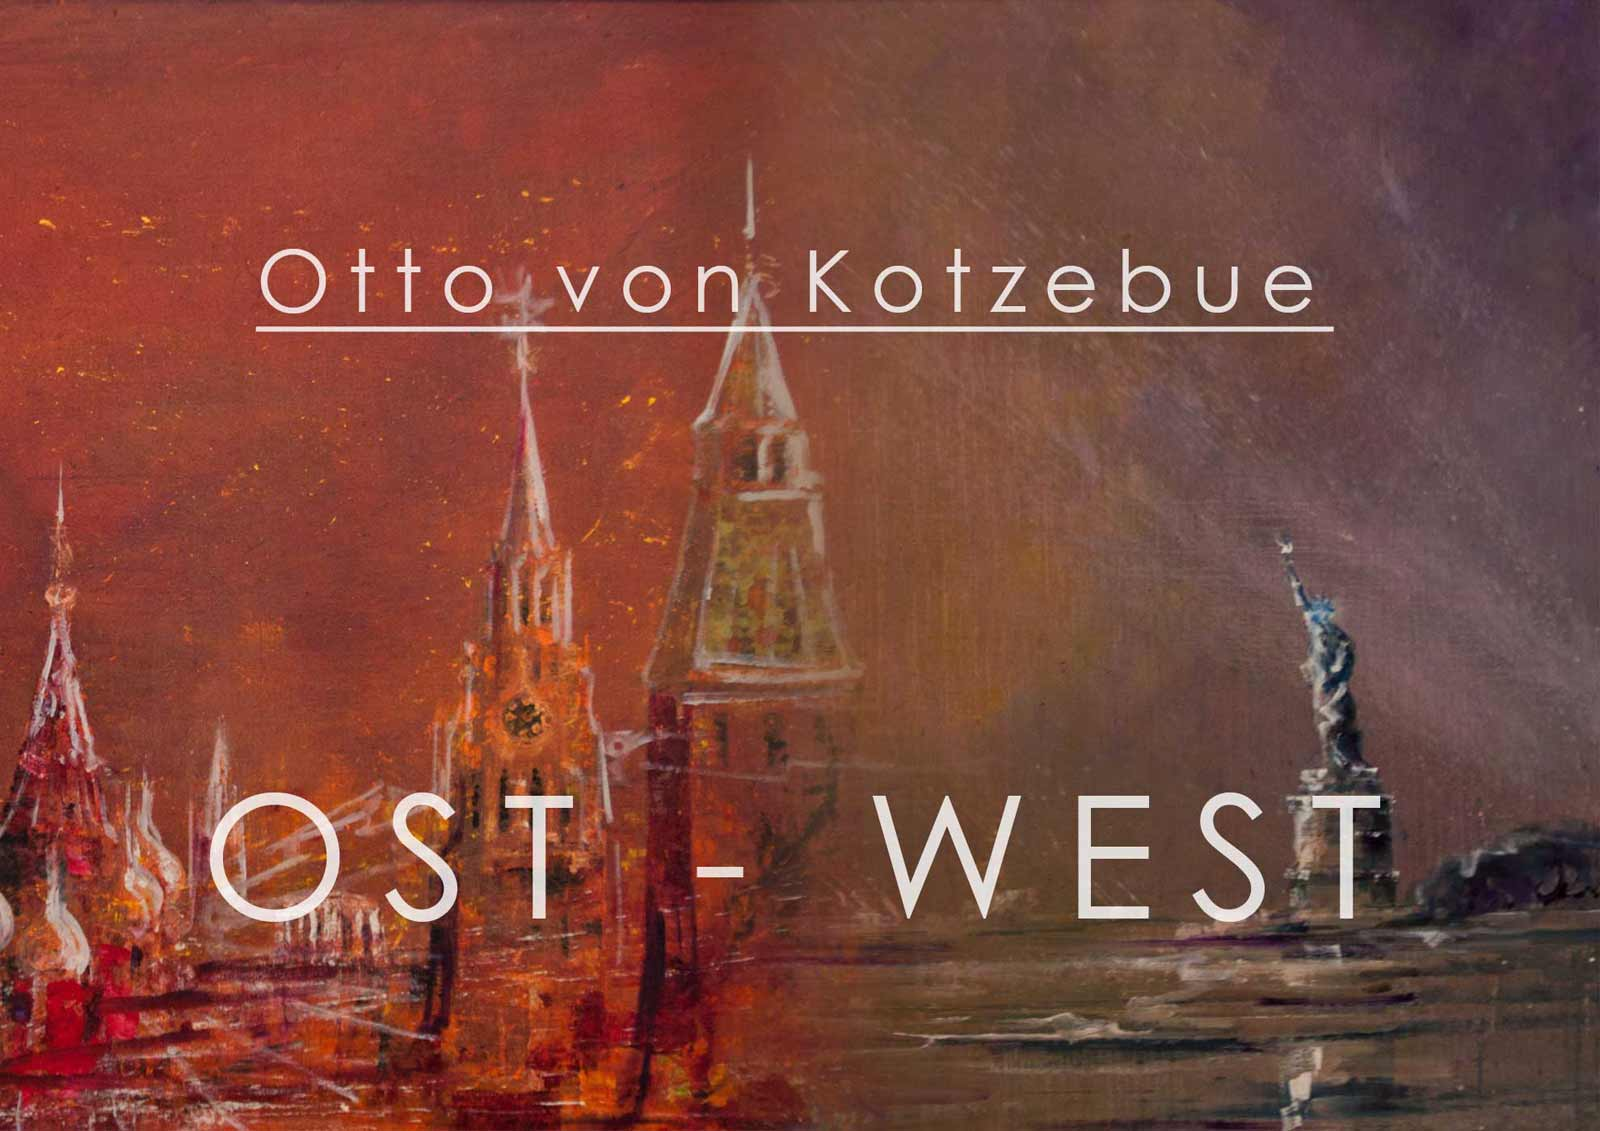 """Titelbild der Ausstellung """"Ost-West"""" von Otto von Kotzebue"""